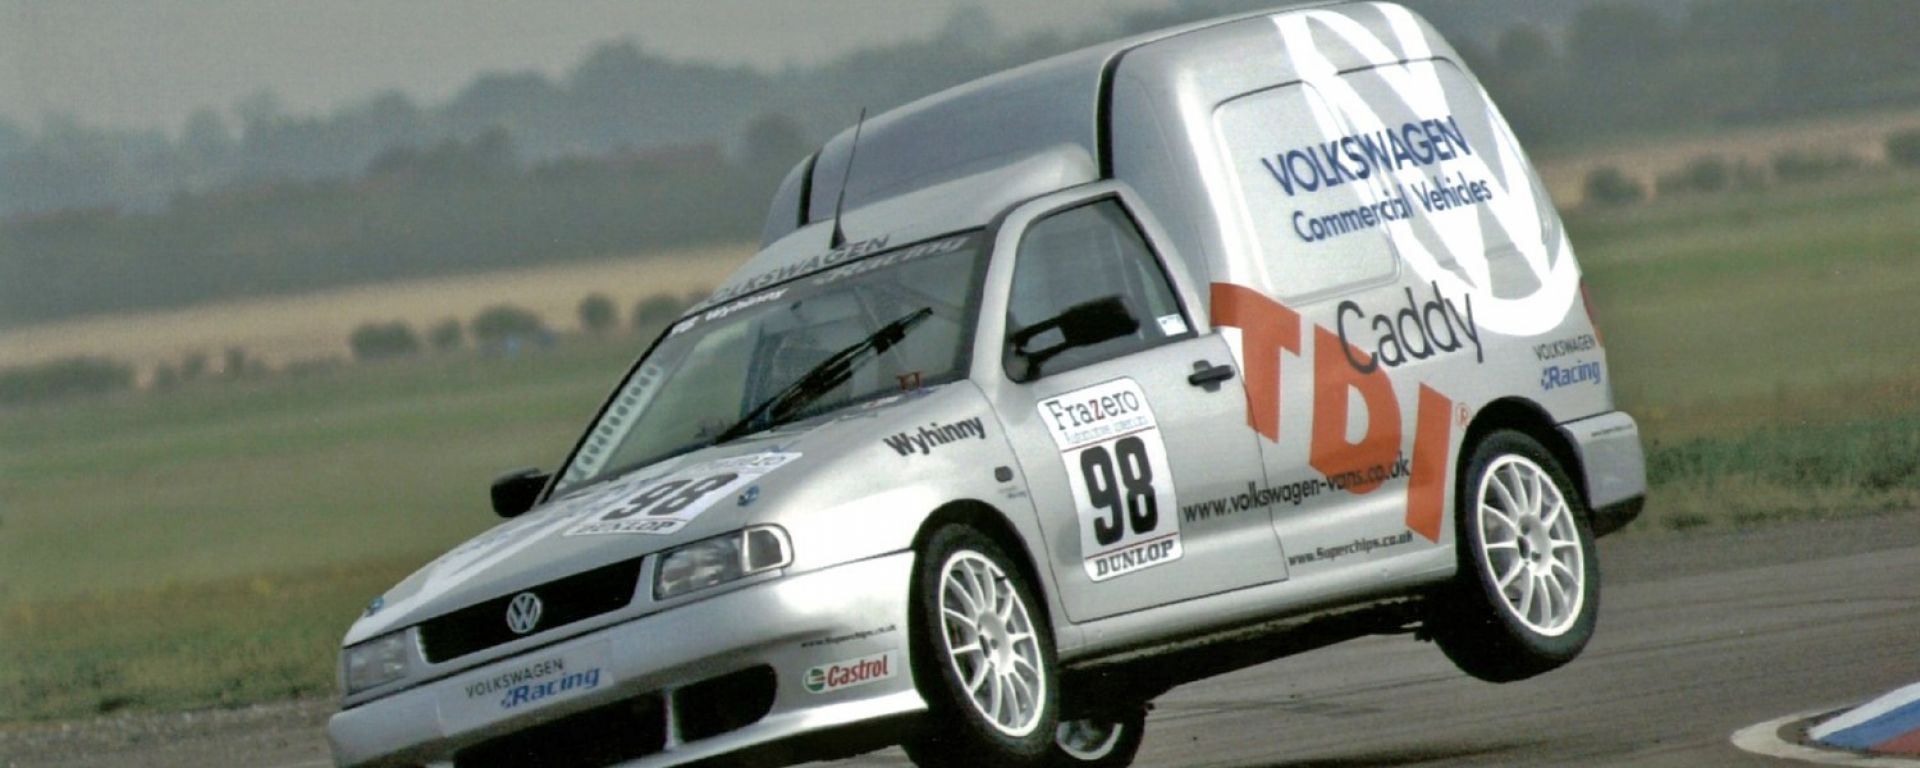 Volkswagen Caddy Racing